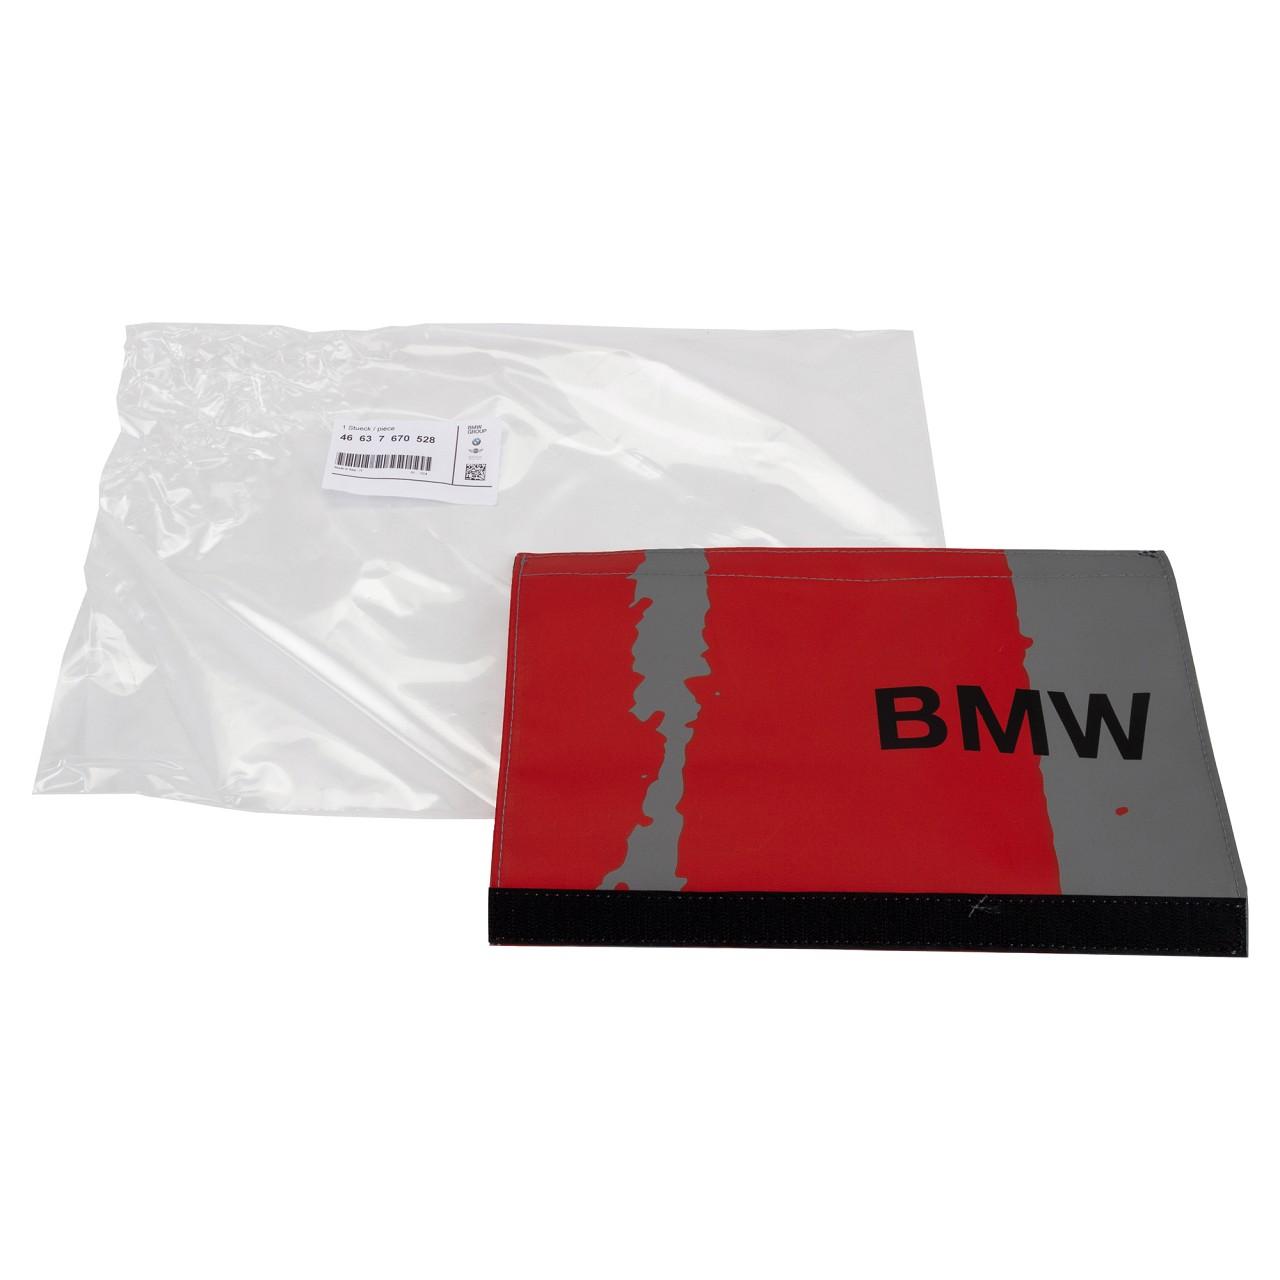 ORIGINAL BMW Abdeckung Lenkerschutz Prallschutz R 1150 GS Adventure 46637670528